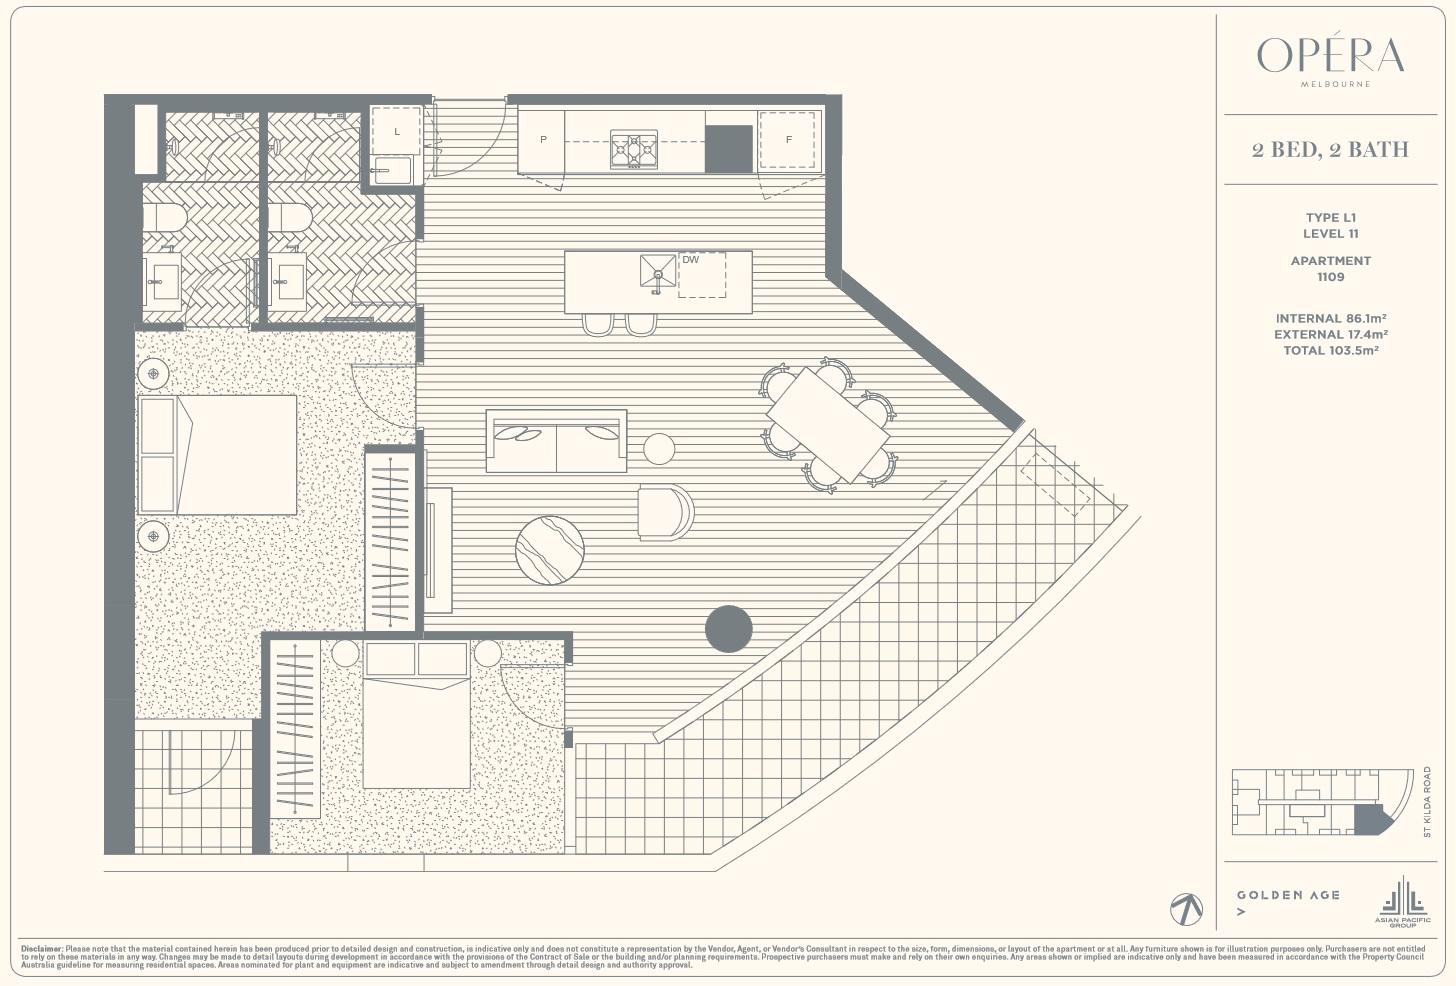 Floor Plan Type L1 - 2Bed2Bath